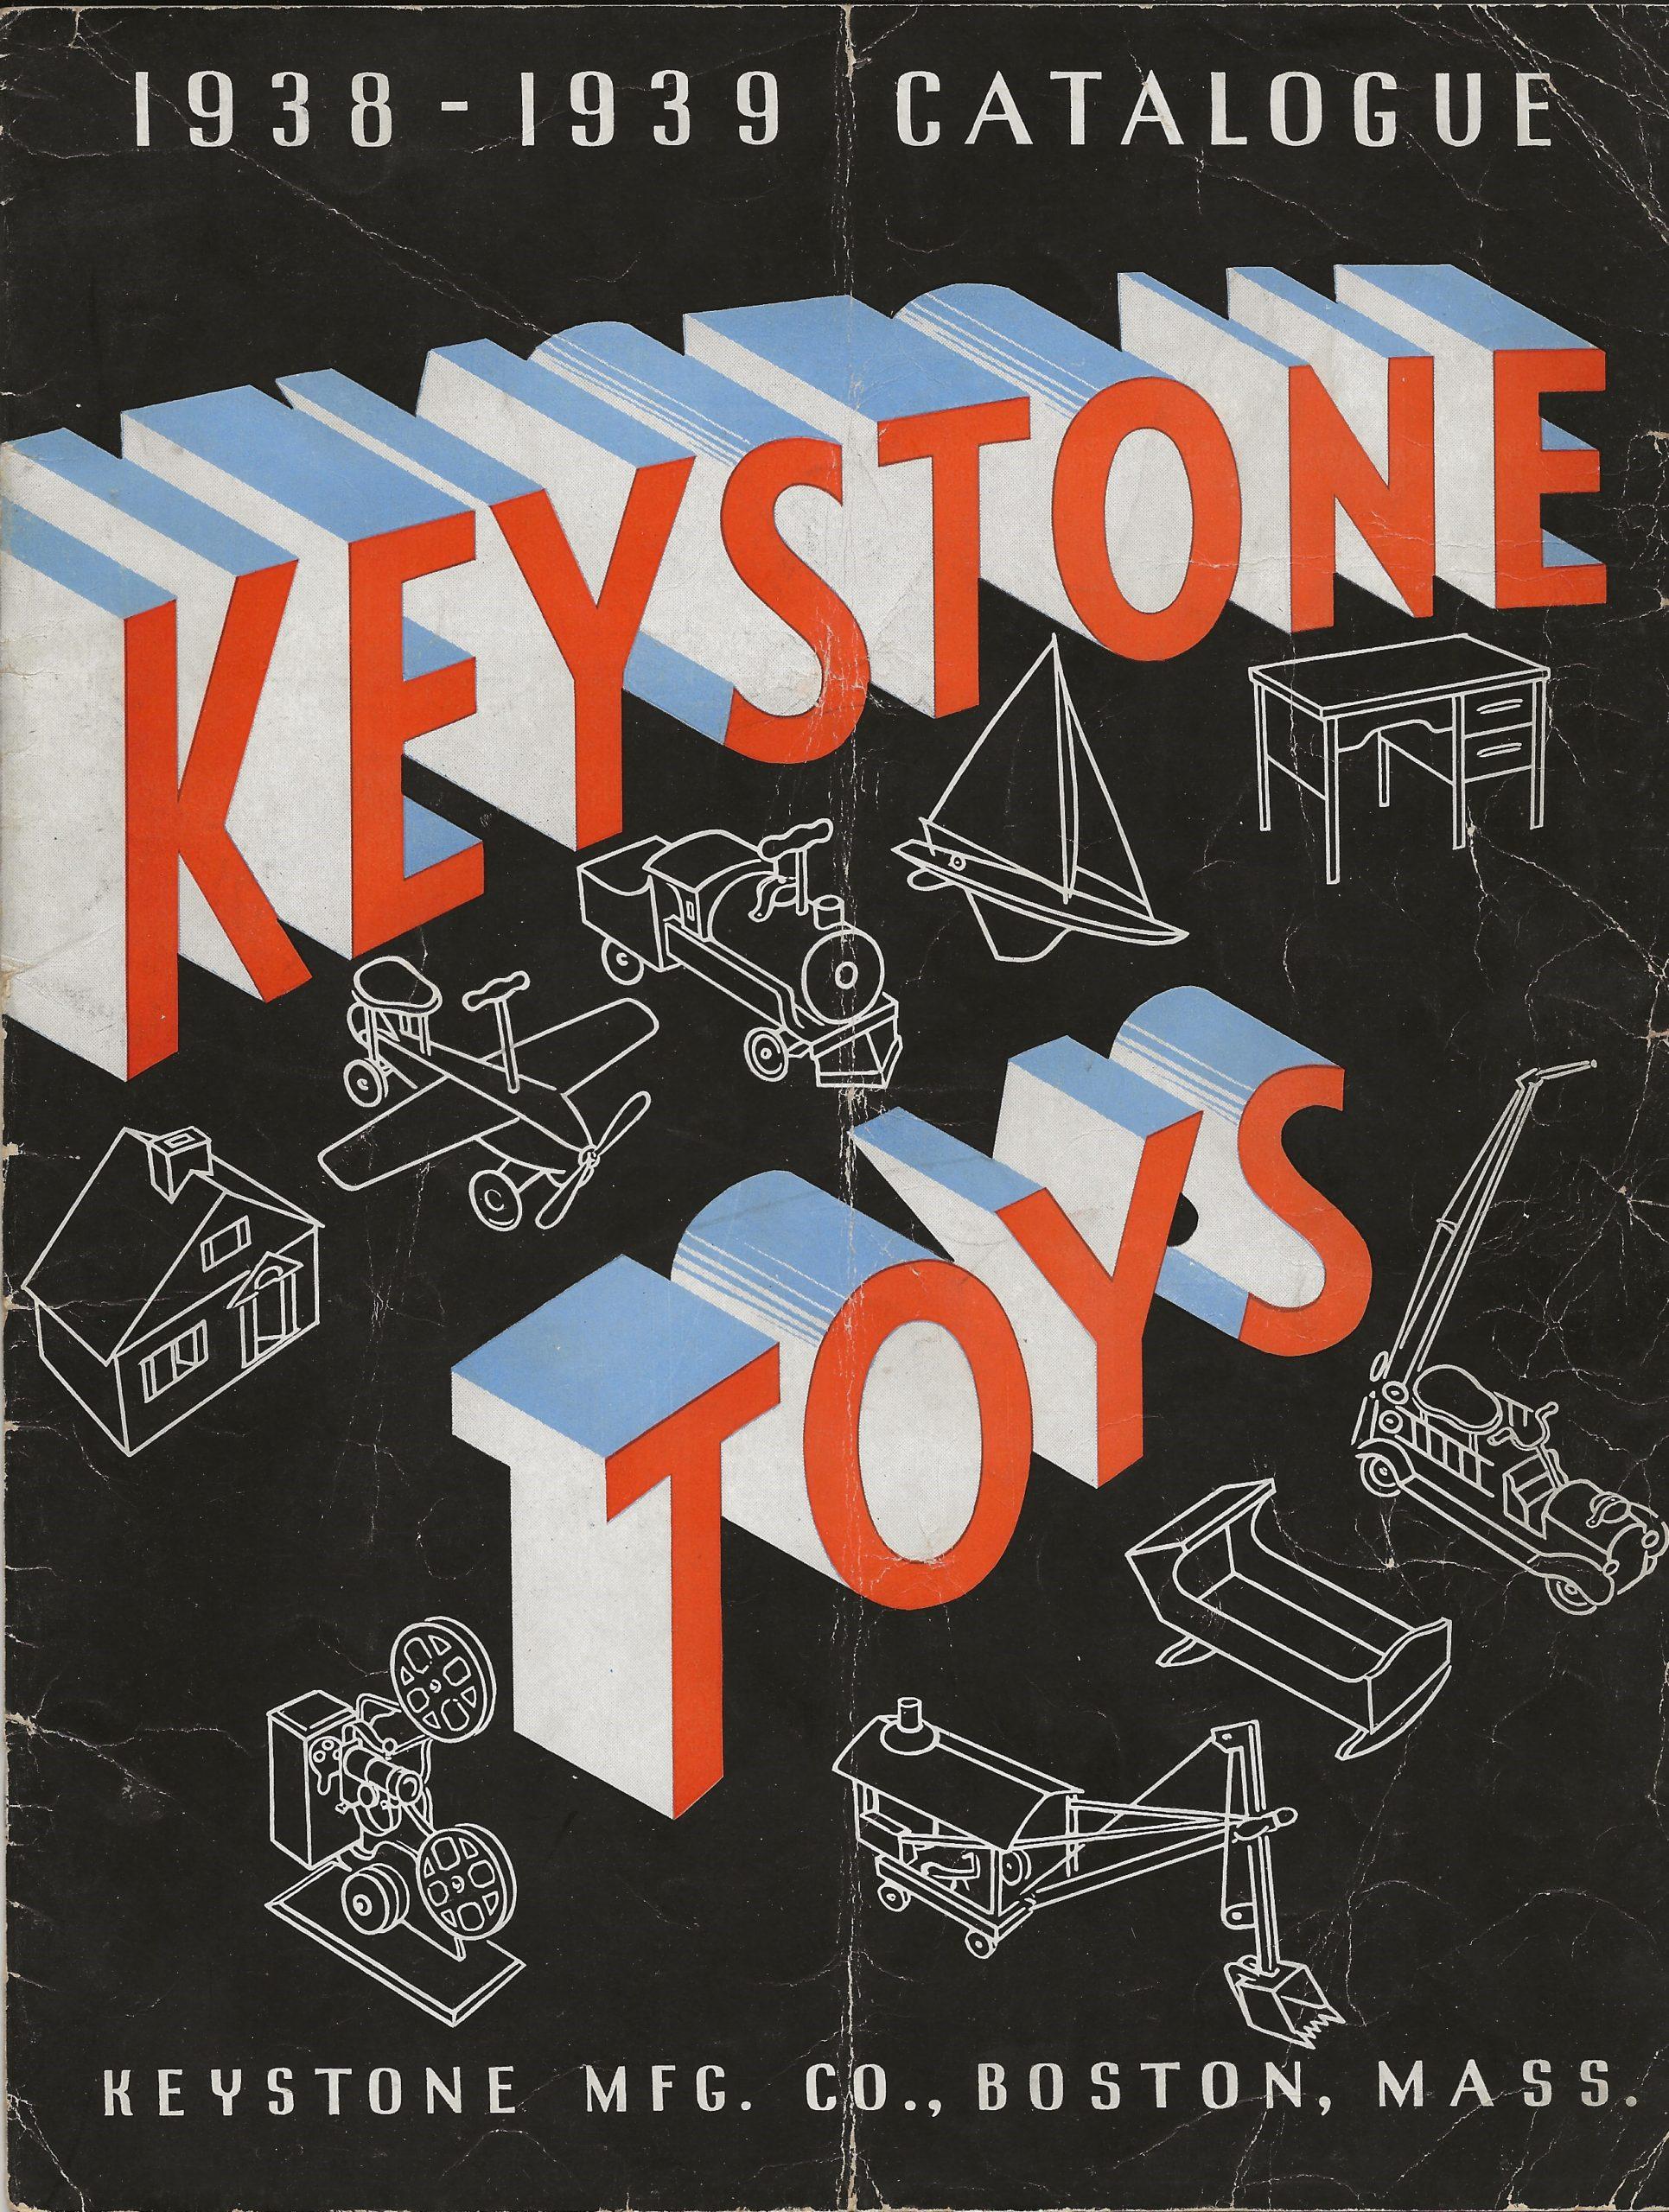 Keystone Catalog 1938-1939